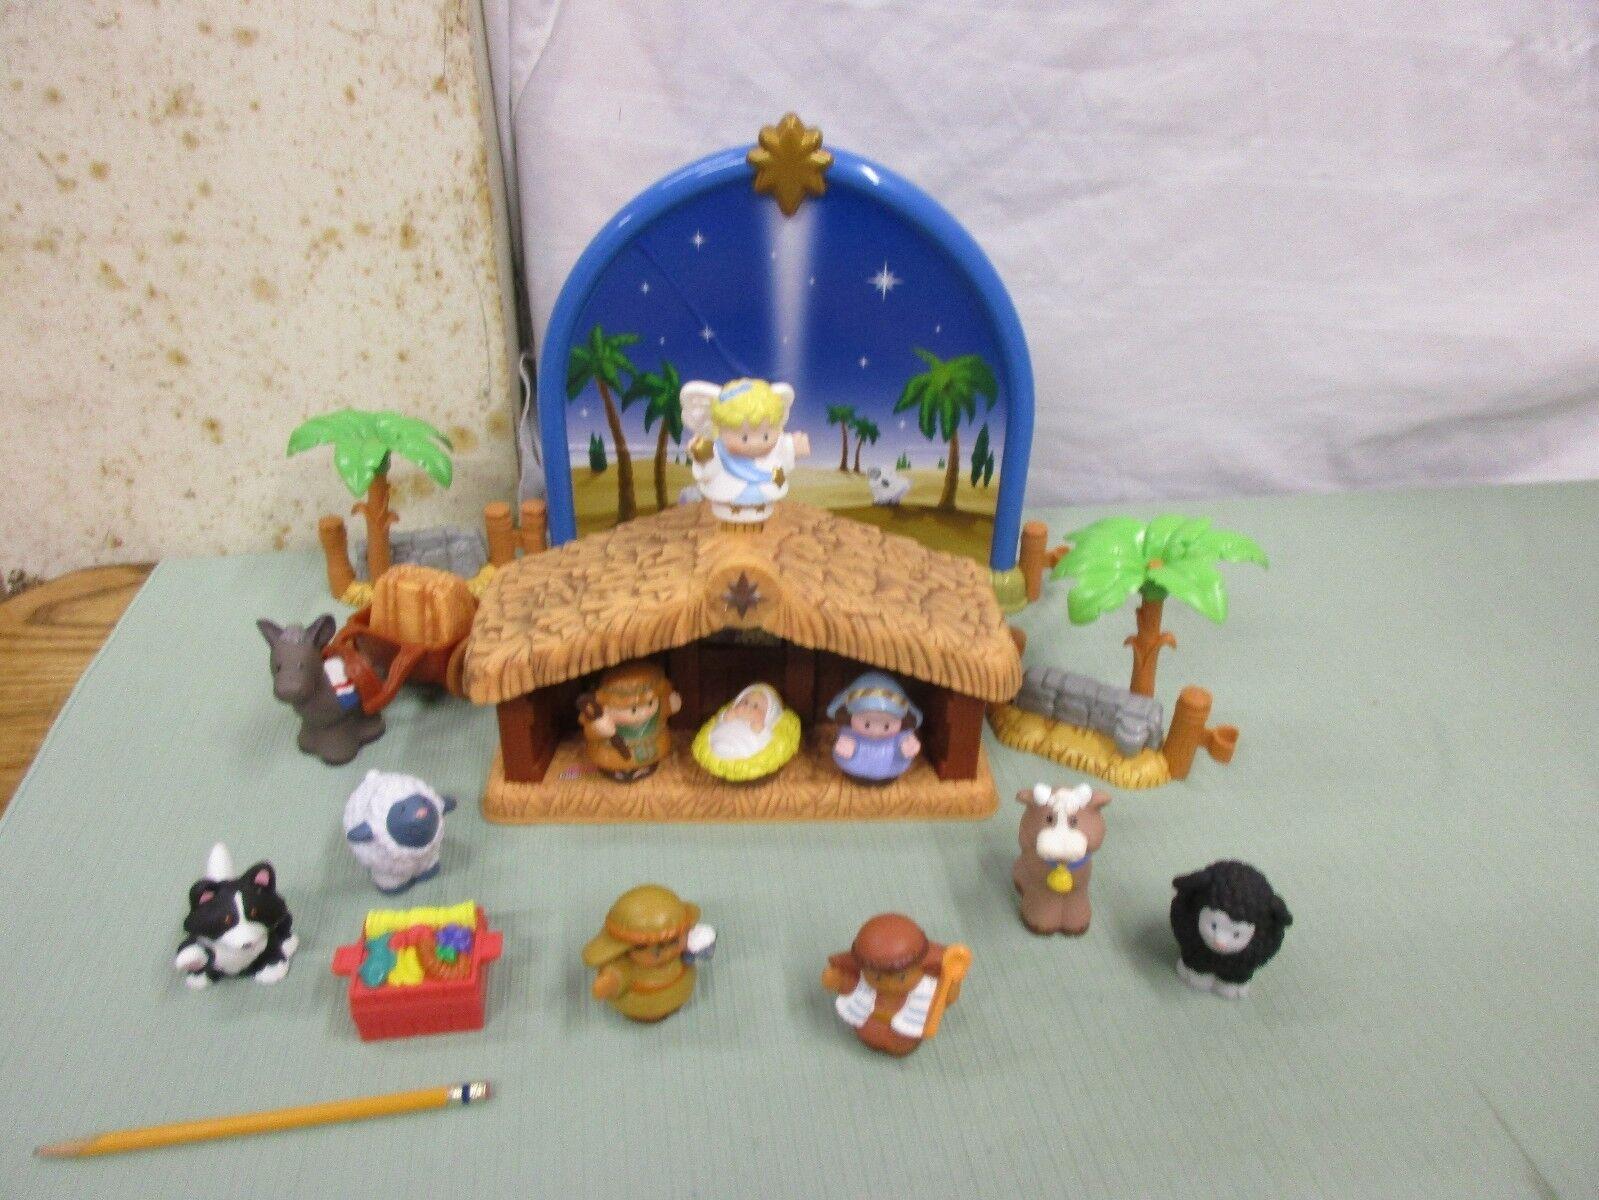 Fisherpris, små människor, julkraft, Mary Josef, Jesu ängel, djur